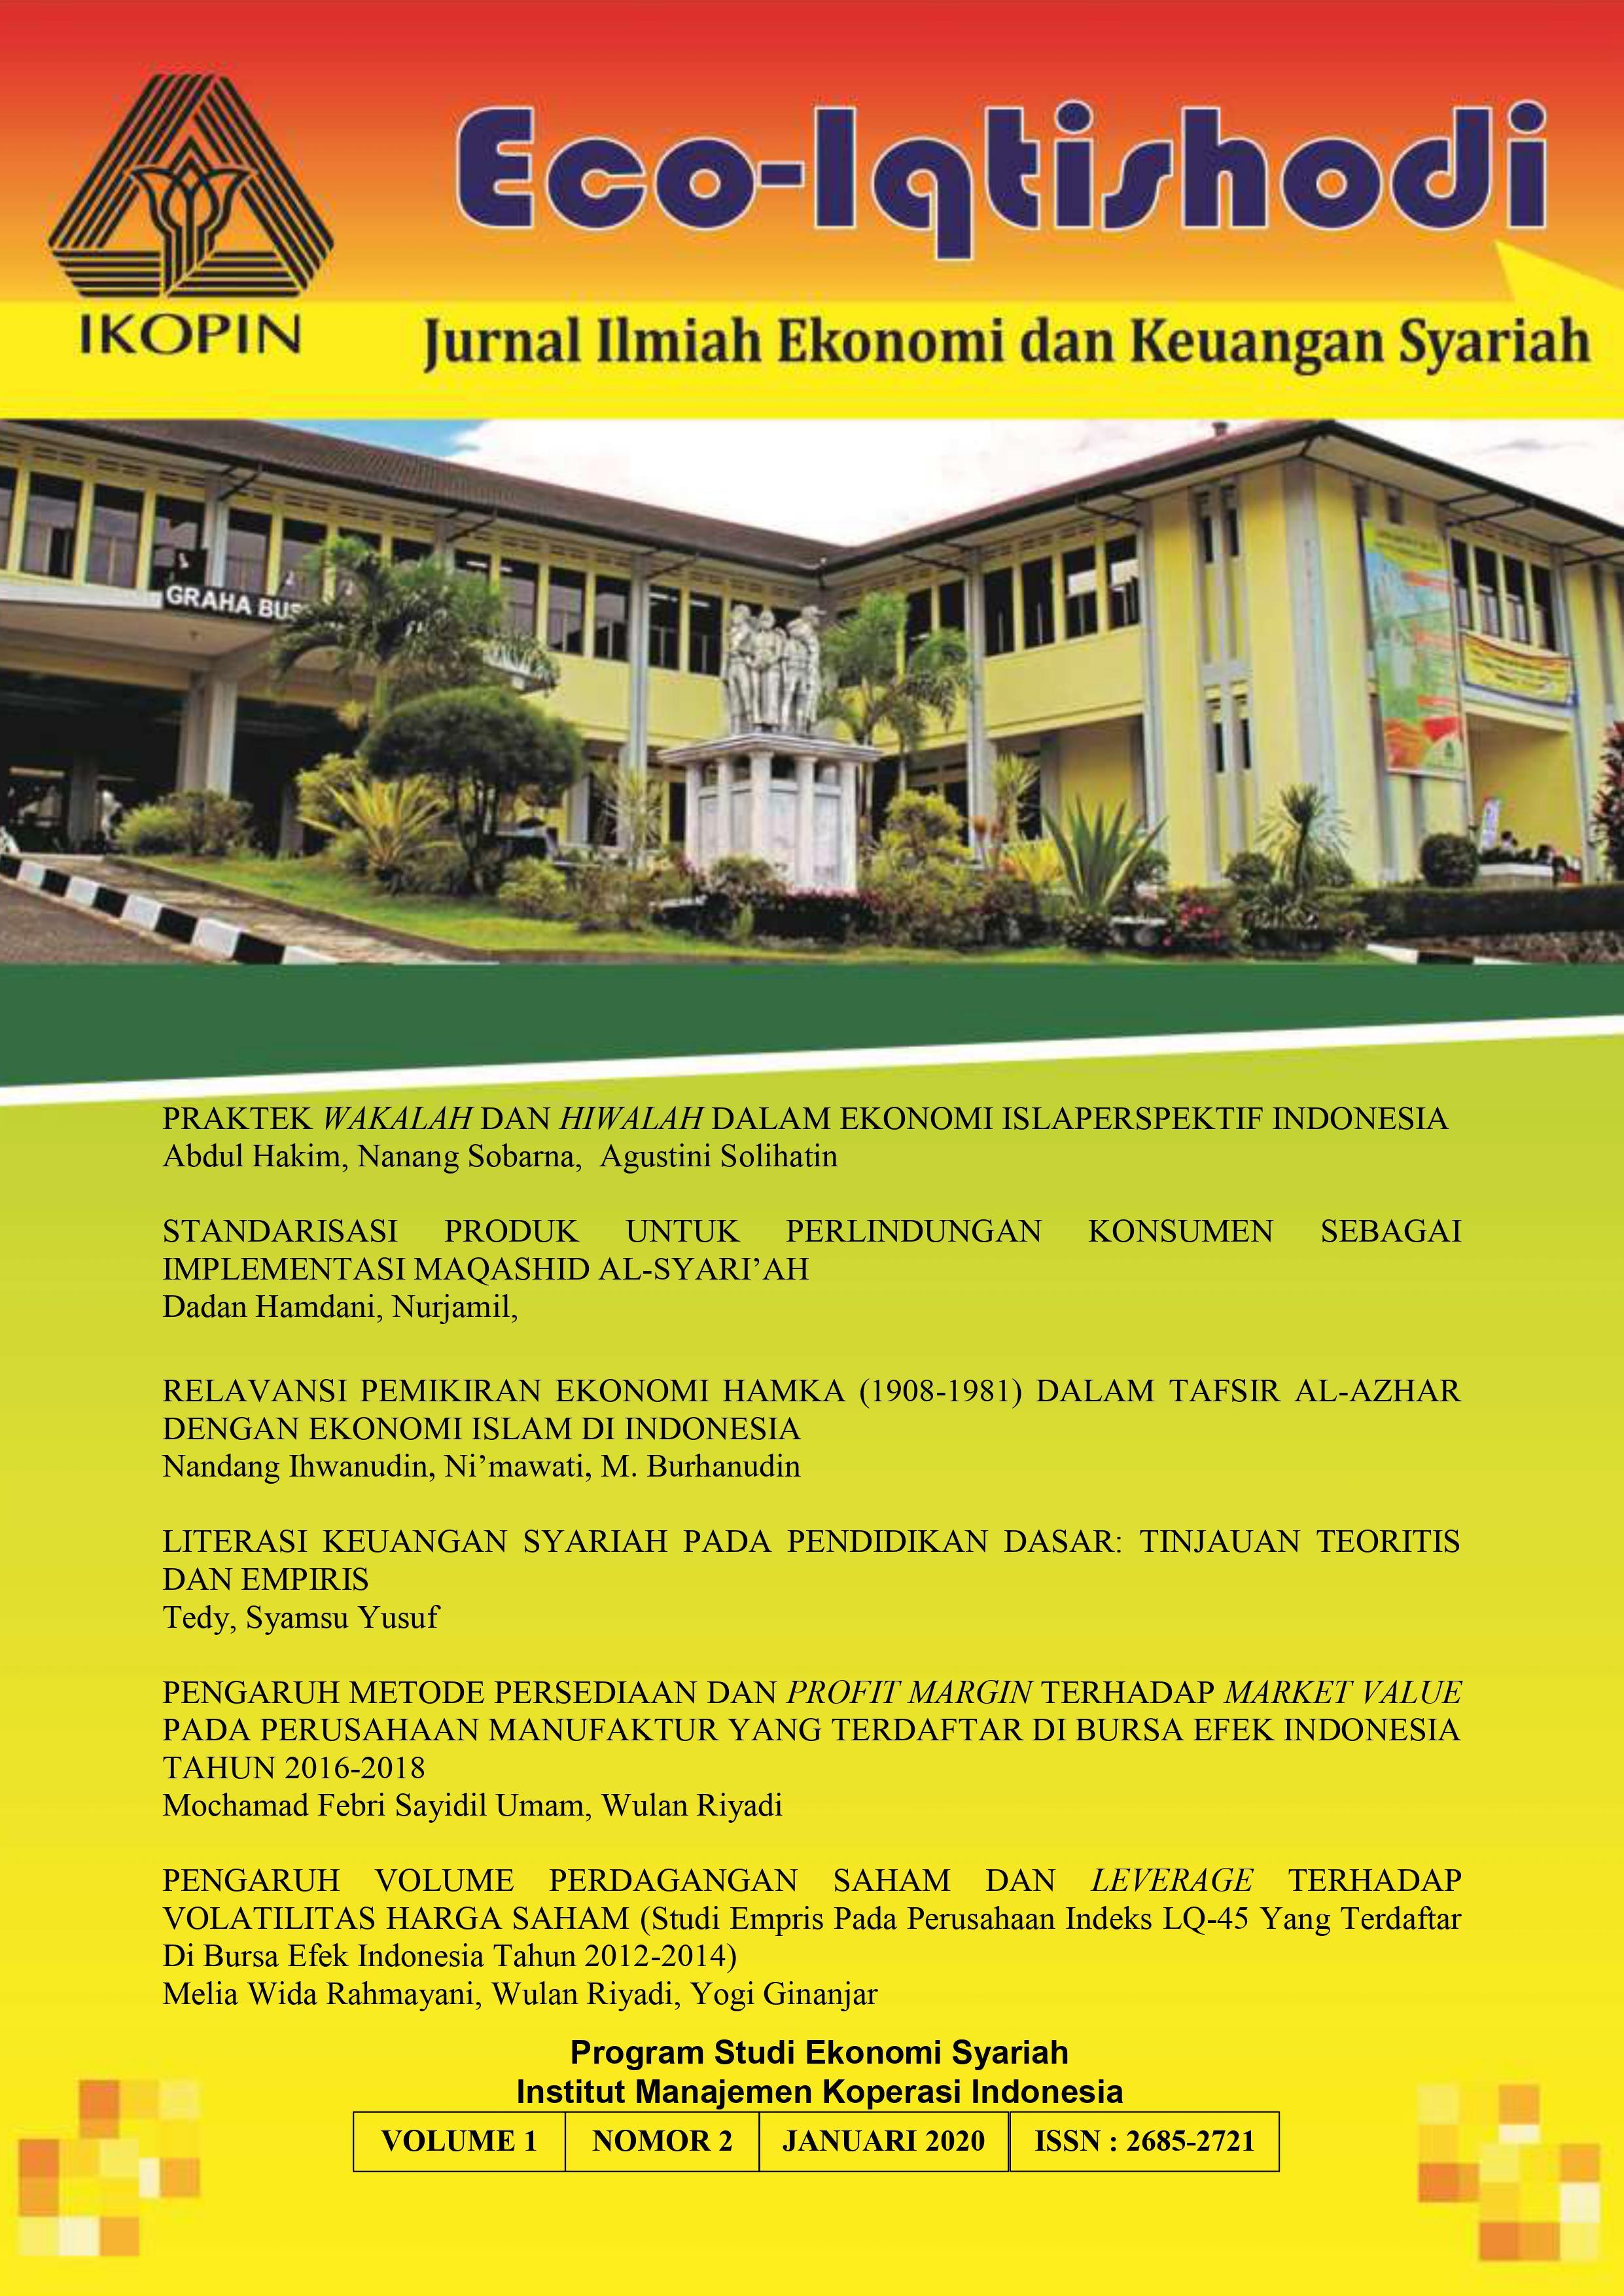 Vol 1 No 2 2020 Eco Iqtishodi Jurnal Ilmiah Ekonomi Dan Keuangan Syariah Jurnal Ekonomi Syariah